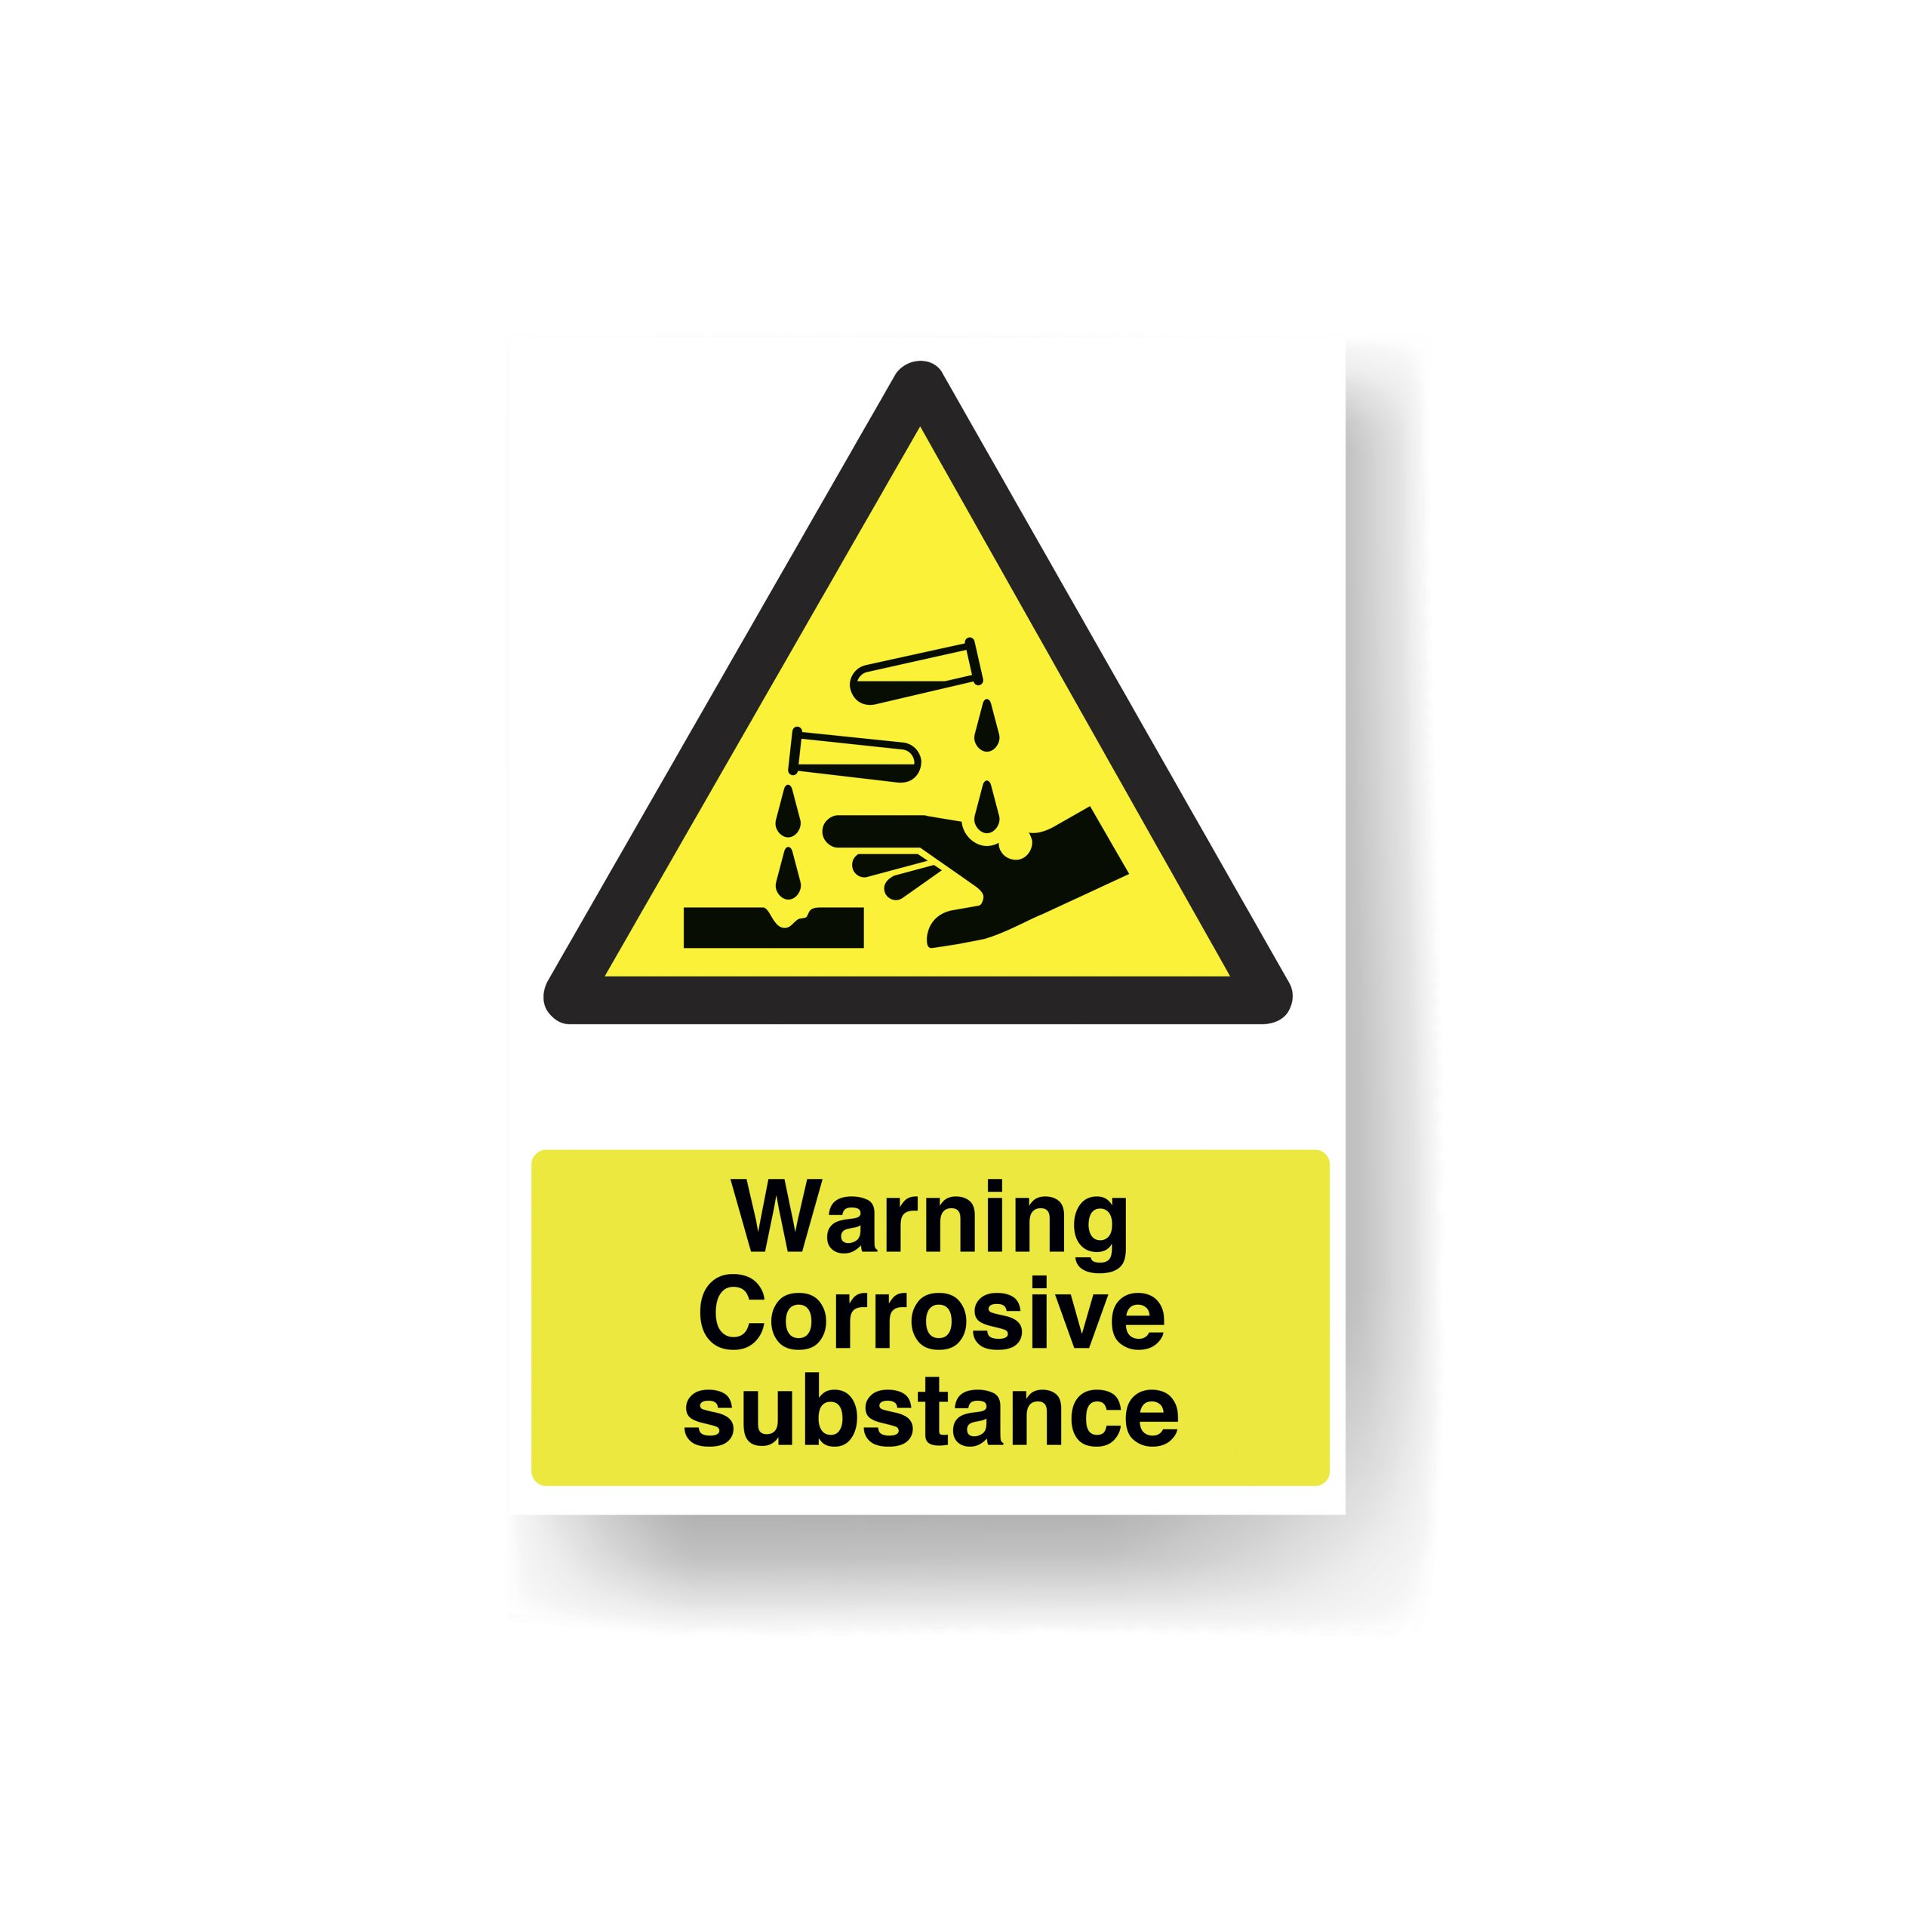 Safety Signage Corrosive